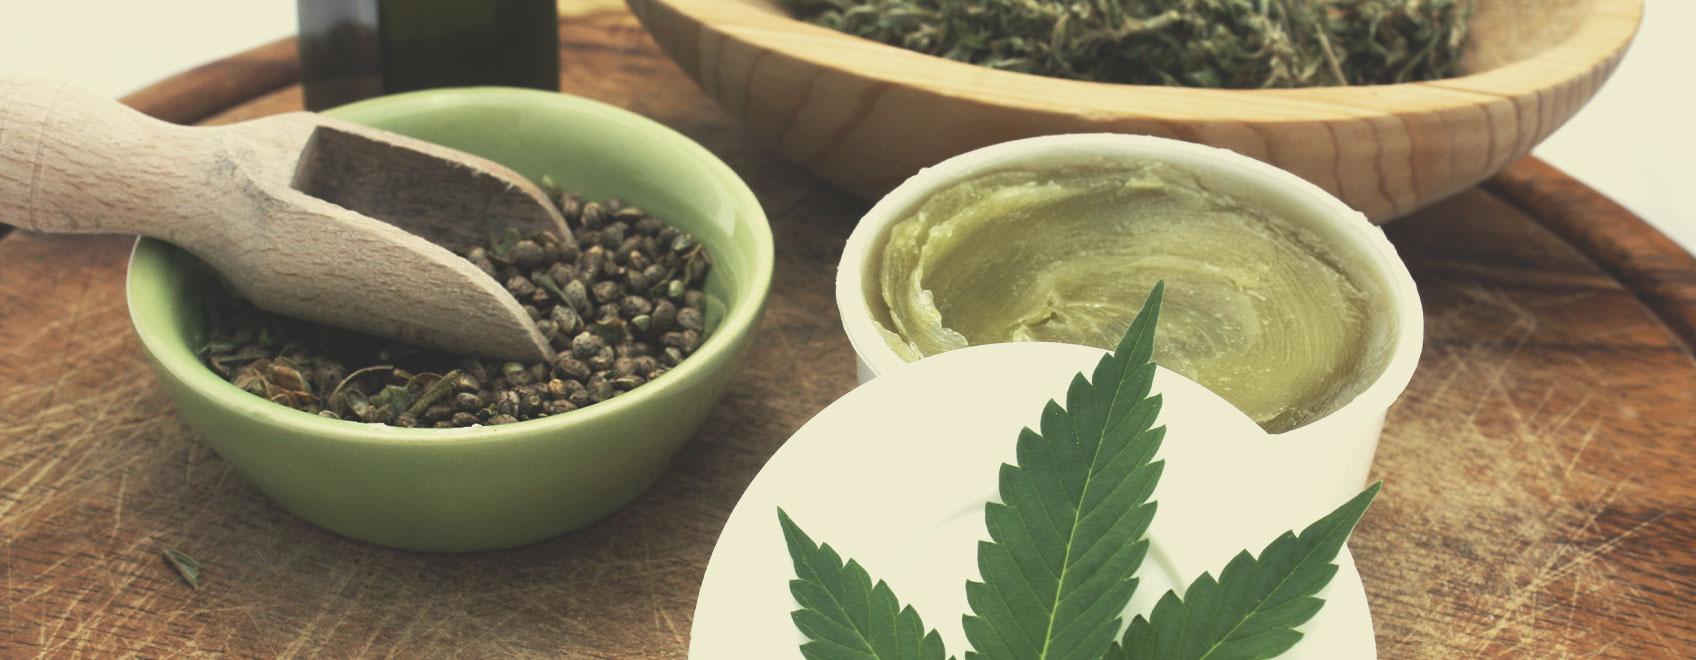 Hoe maak je biologische cannabiszalf?